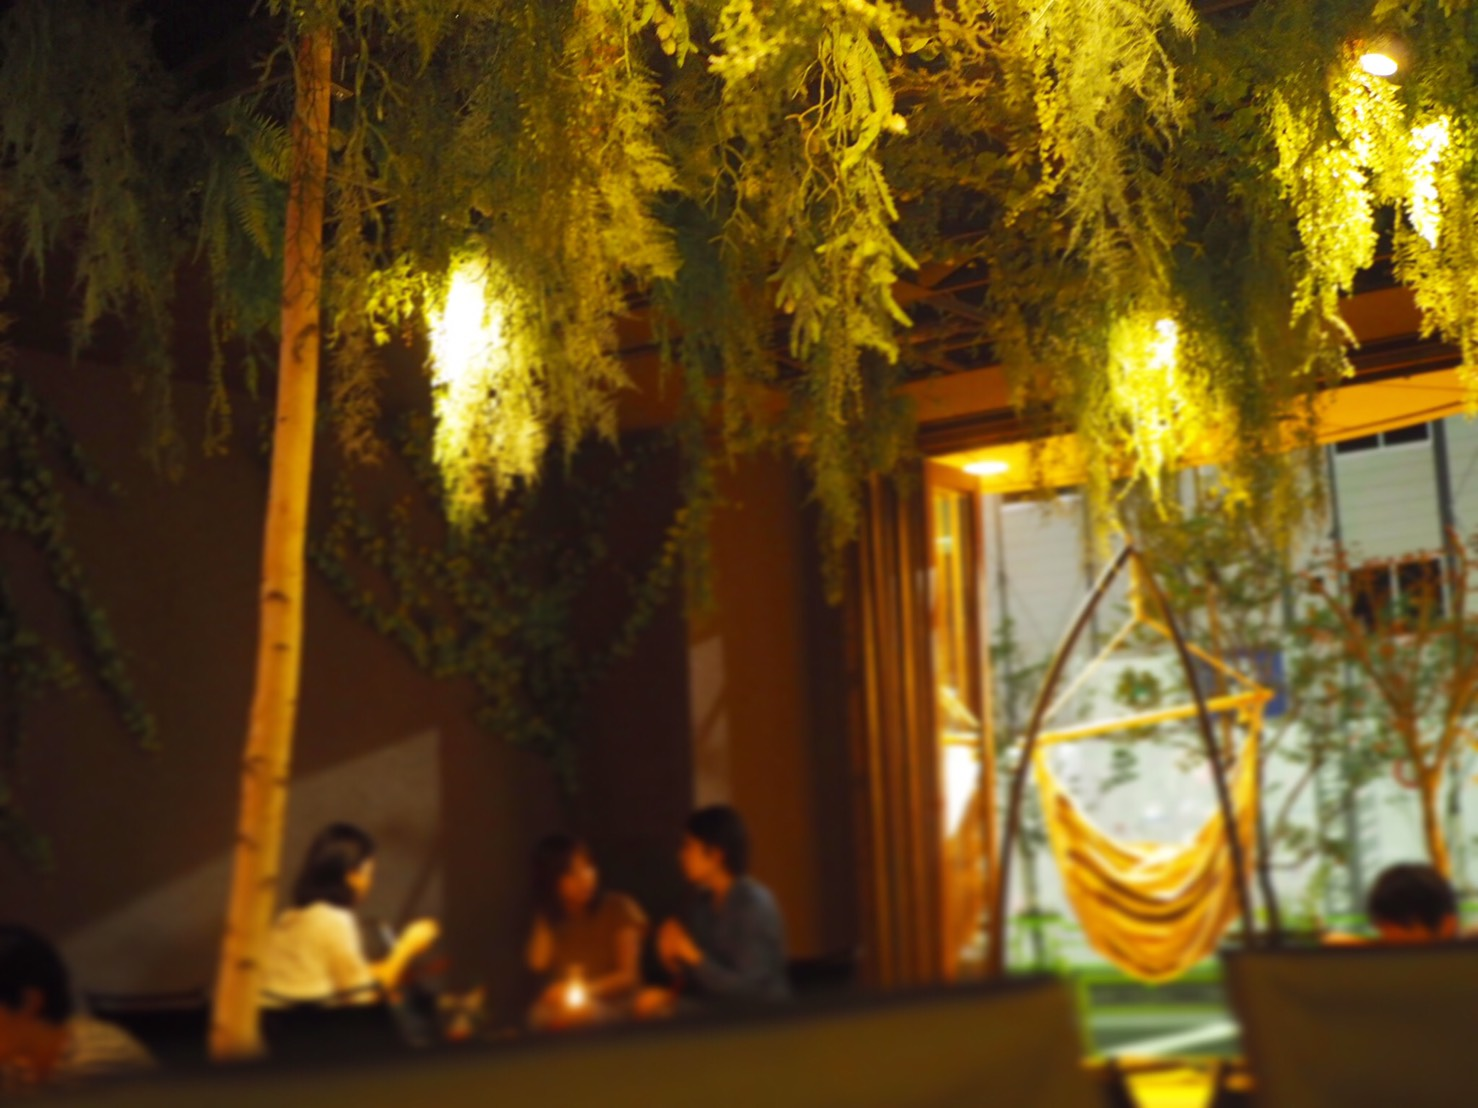 噂のスポット!茅場町でキャンプ体験ができる【REWILD OUTDOOR TOKYO】レポ♡_7